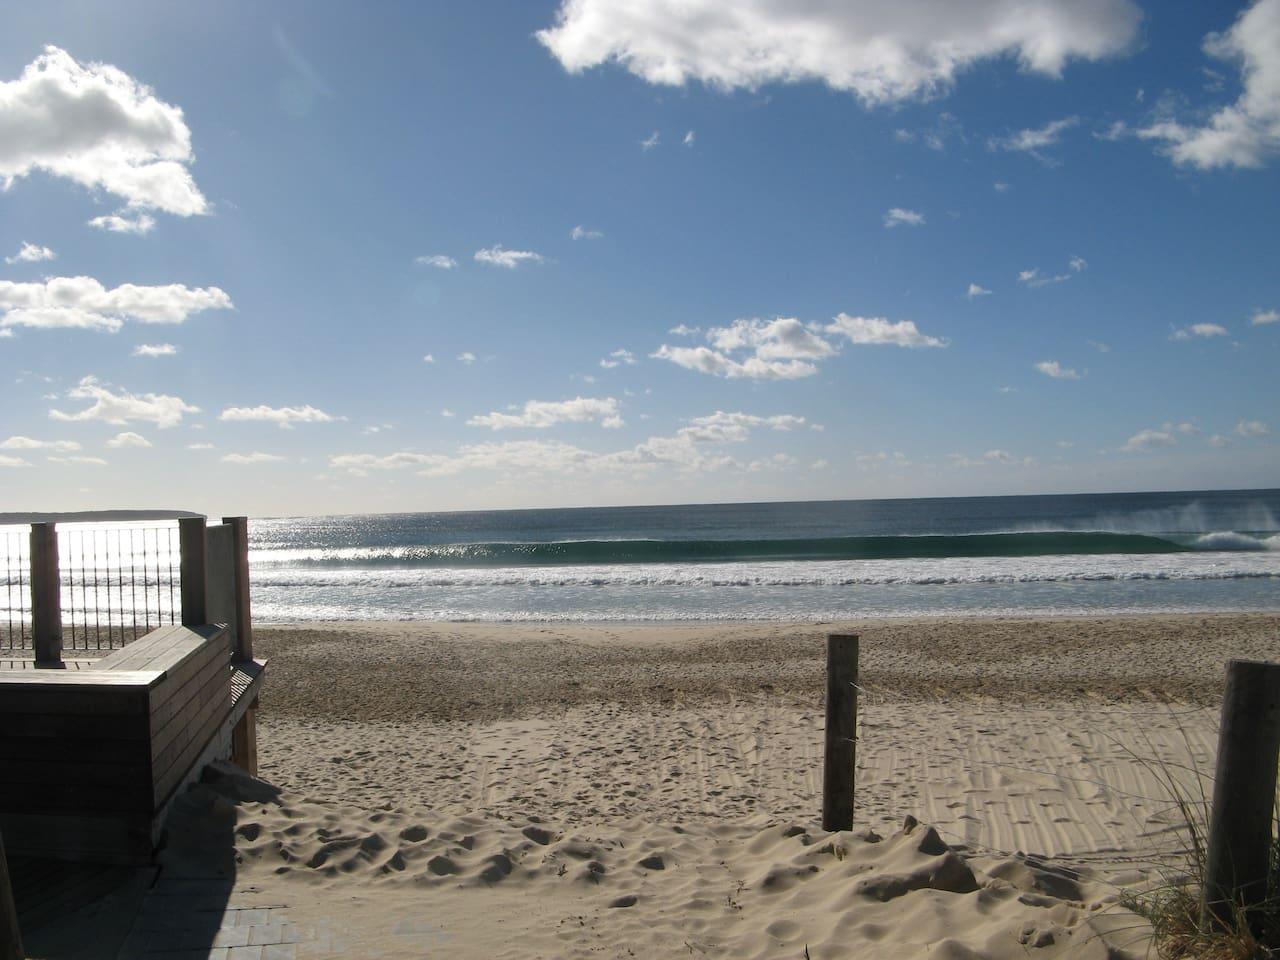 Pambula Beach - 4 minute walk way